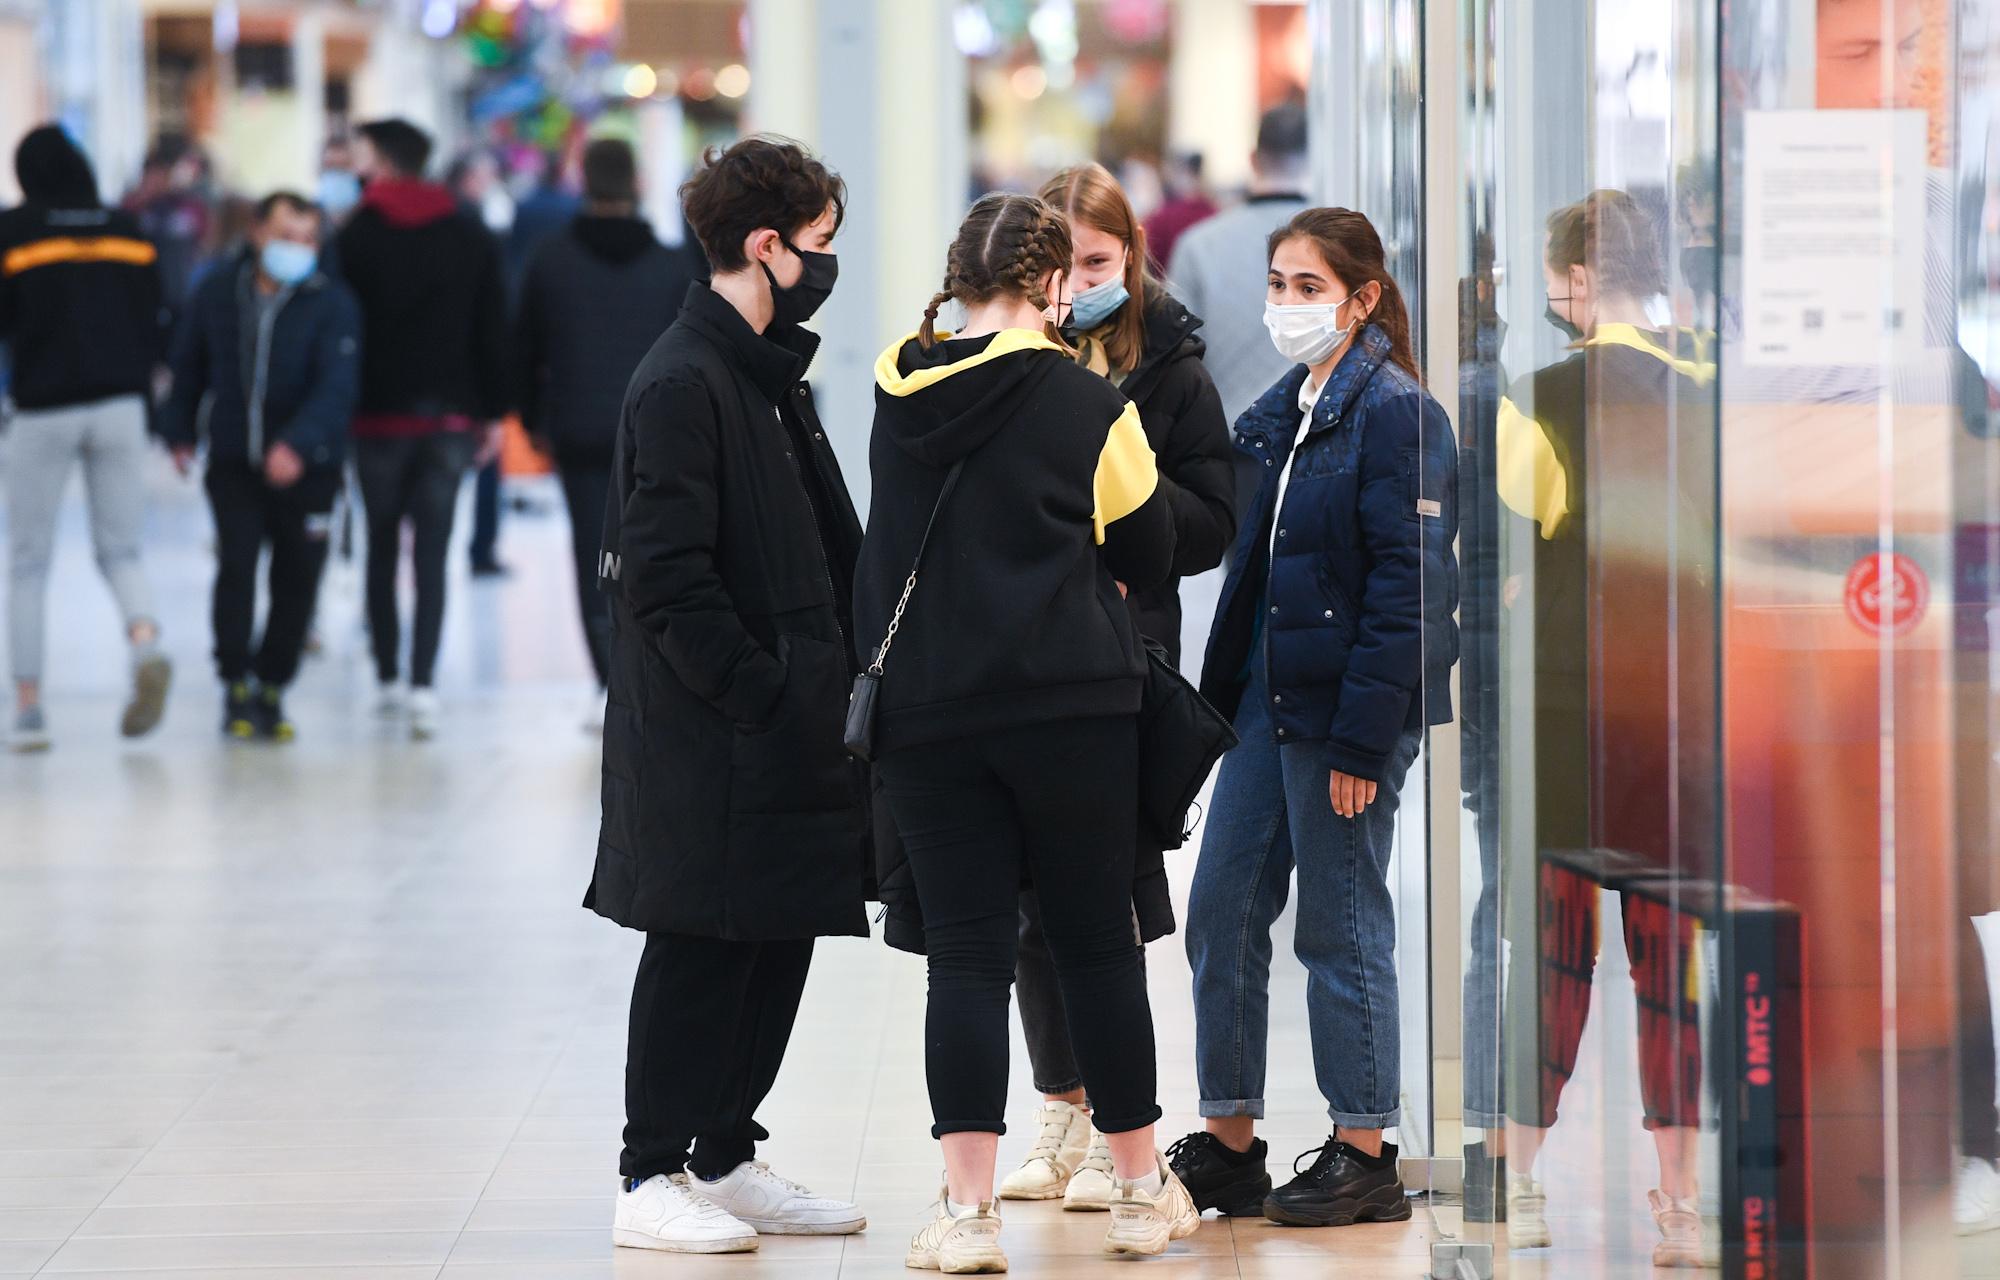 Посетителей крупнейшего тверского торгового центра проверяла полиция в масках